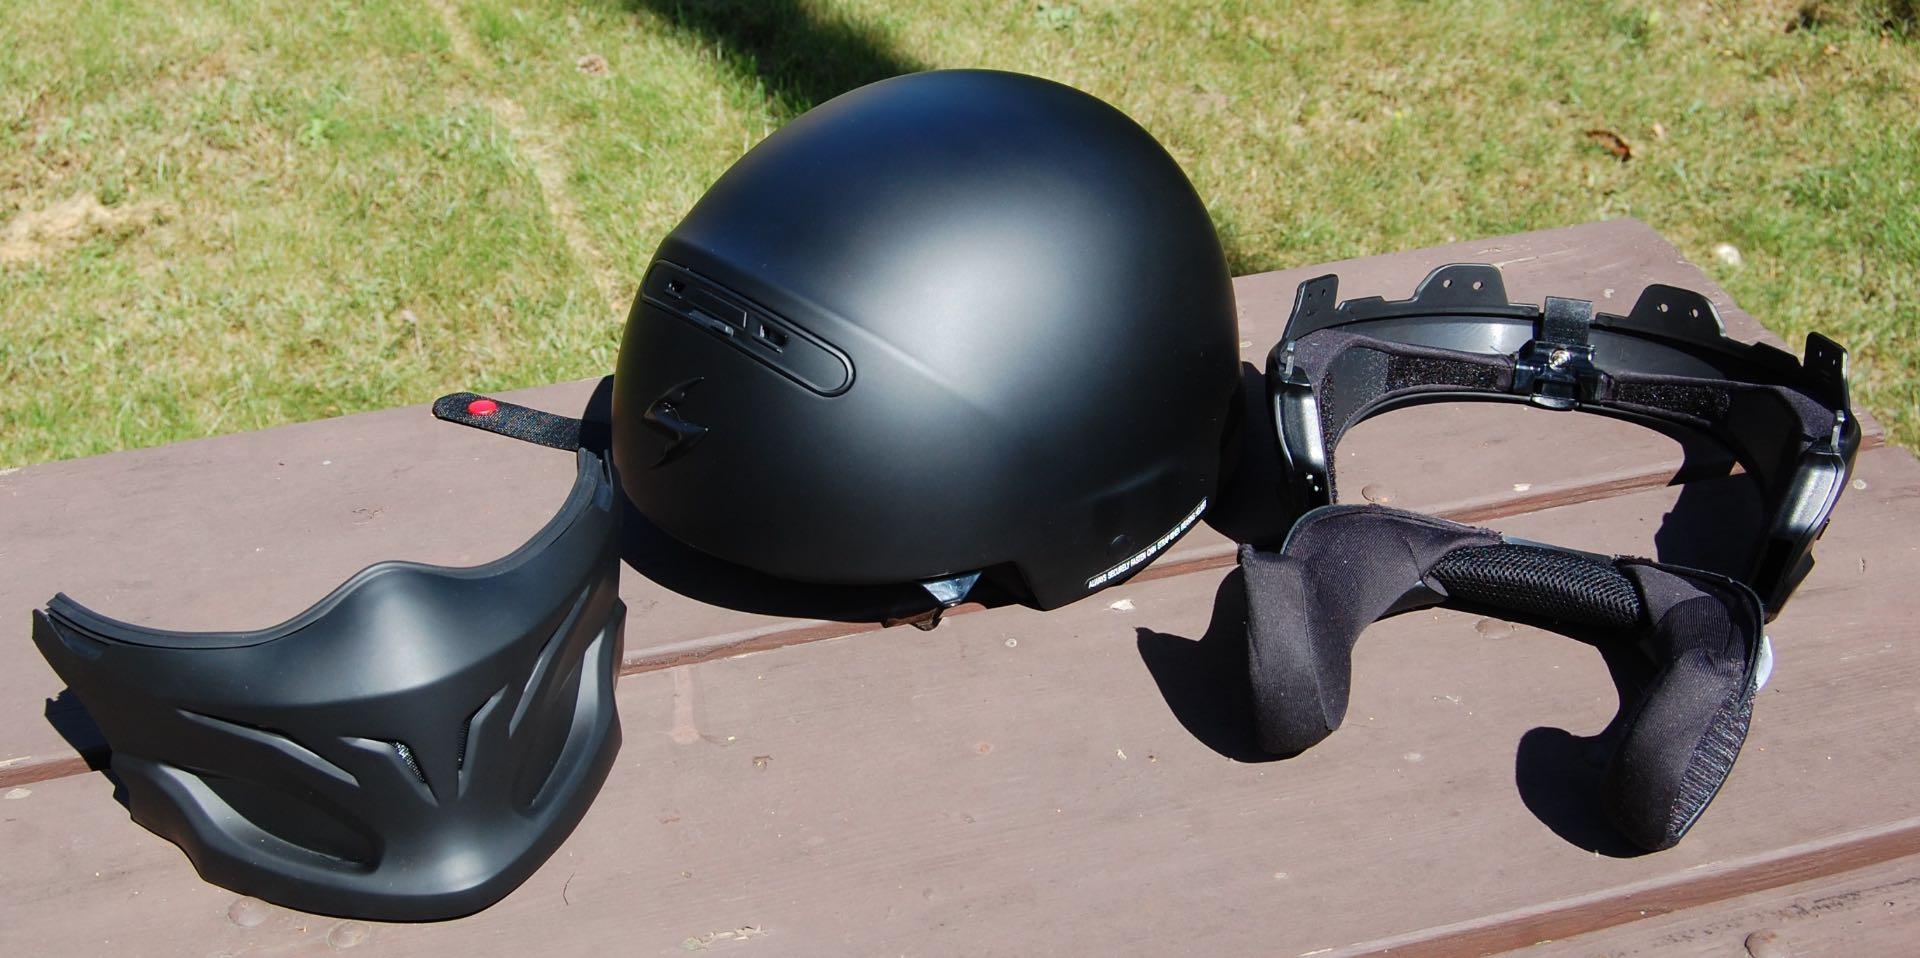 Scorpion Covert 3-in-1 Helmet disassembled